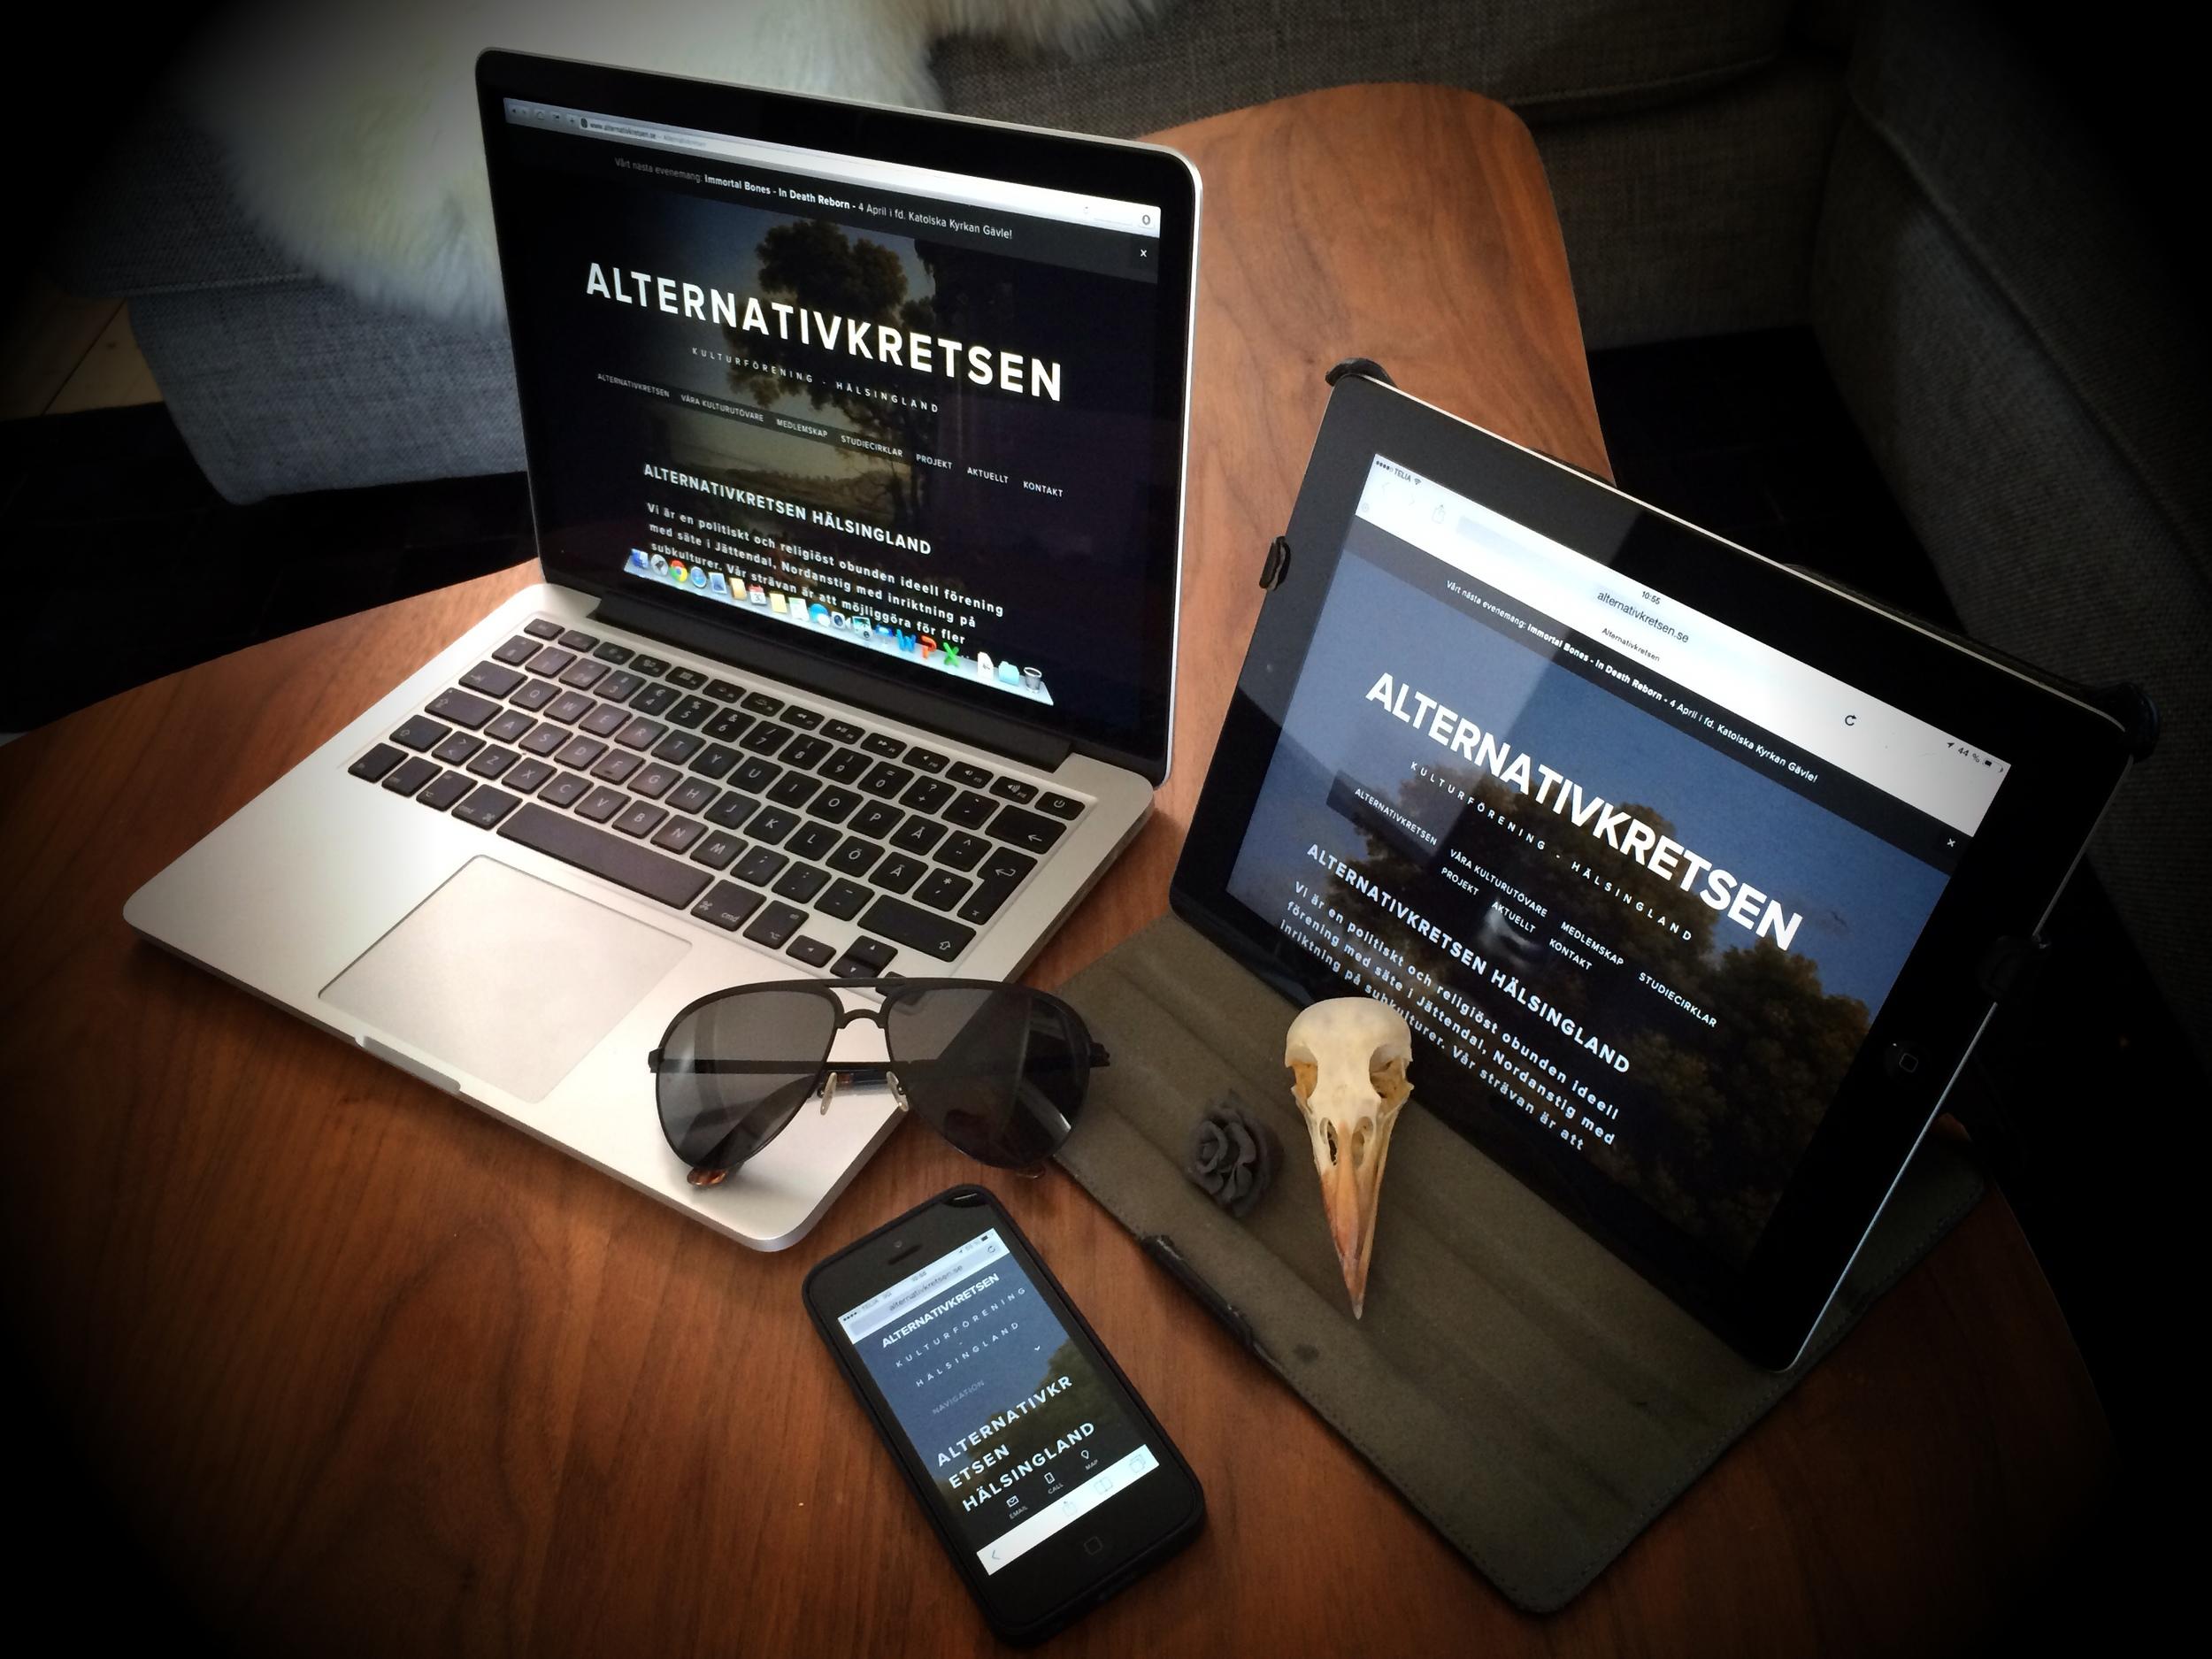 Alternativkretsen.se fungerar på desktop, mobil och platta.